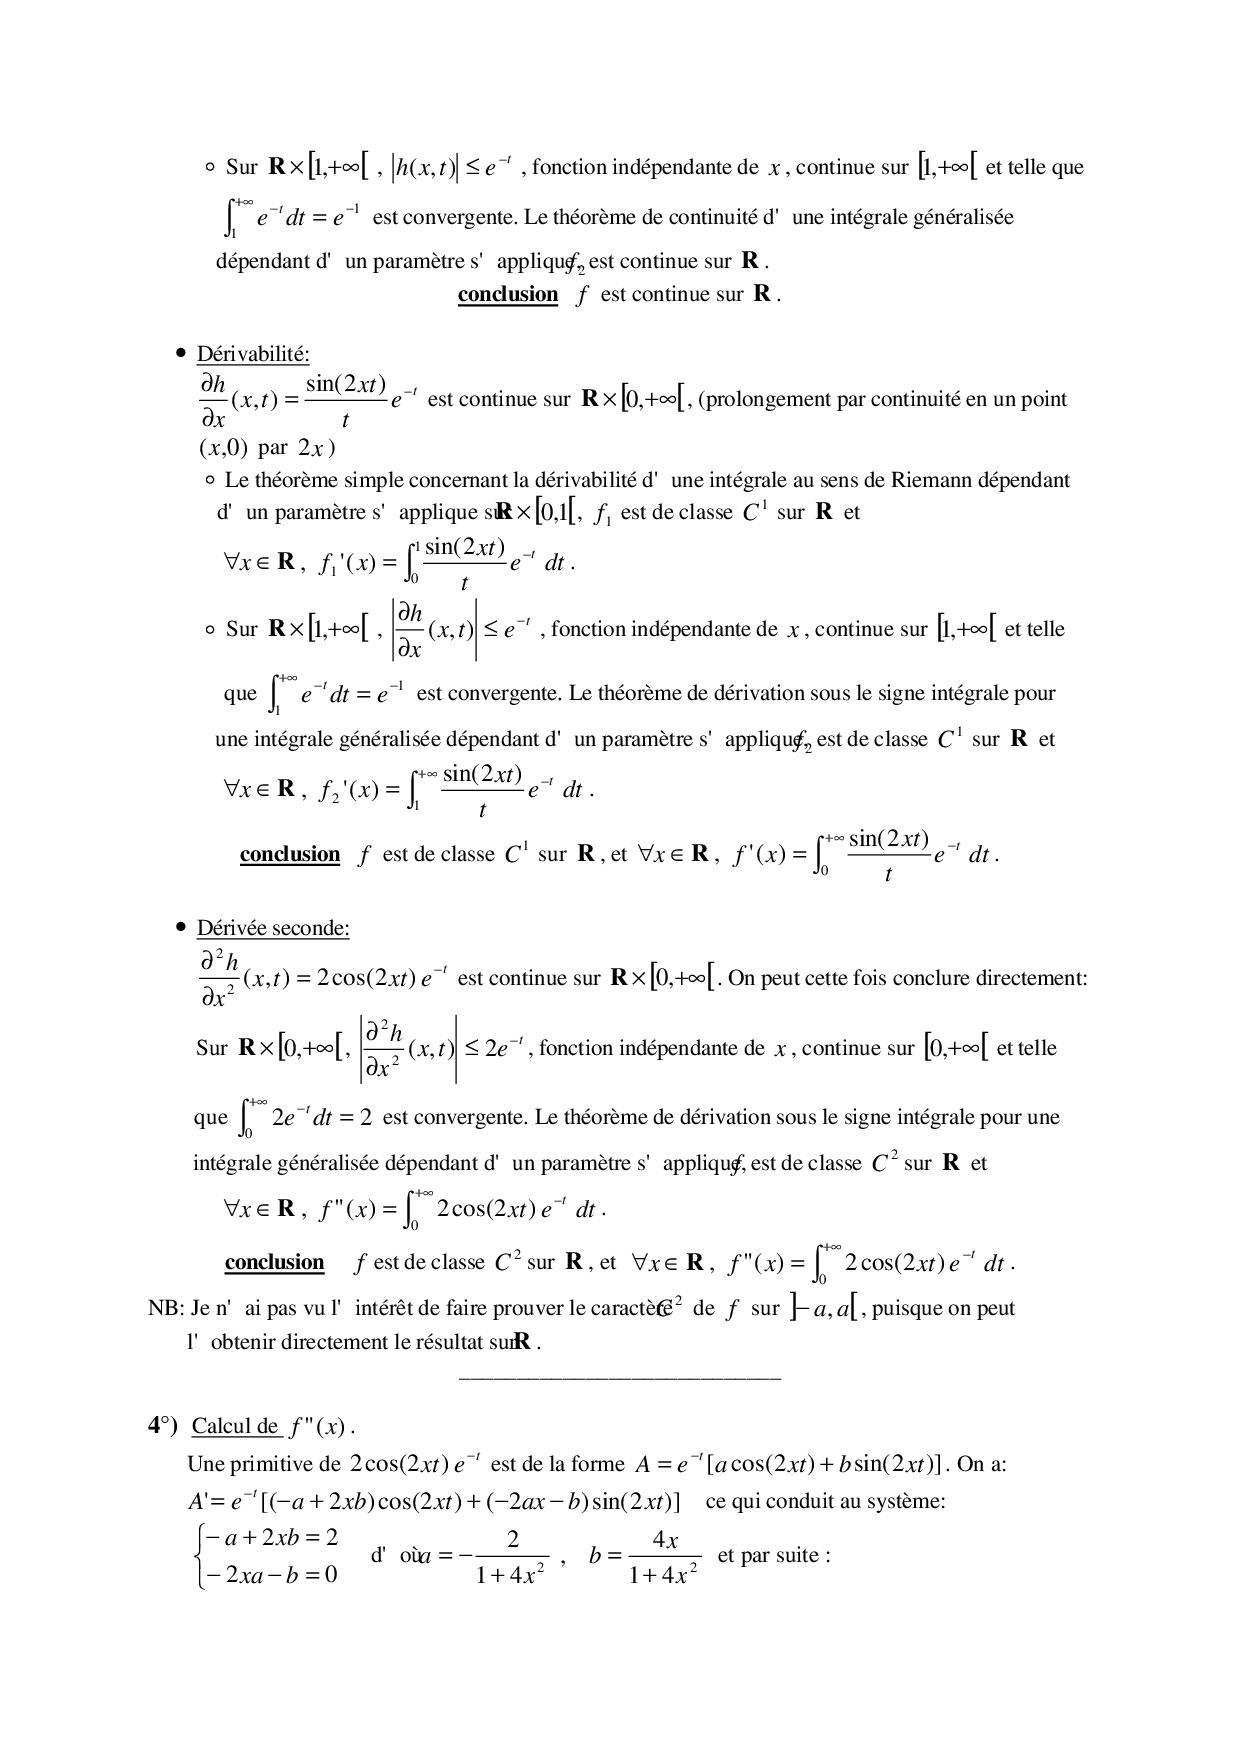 Banque PT 2002 Maths 2A Corrig